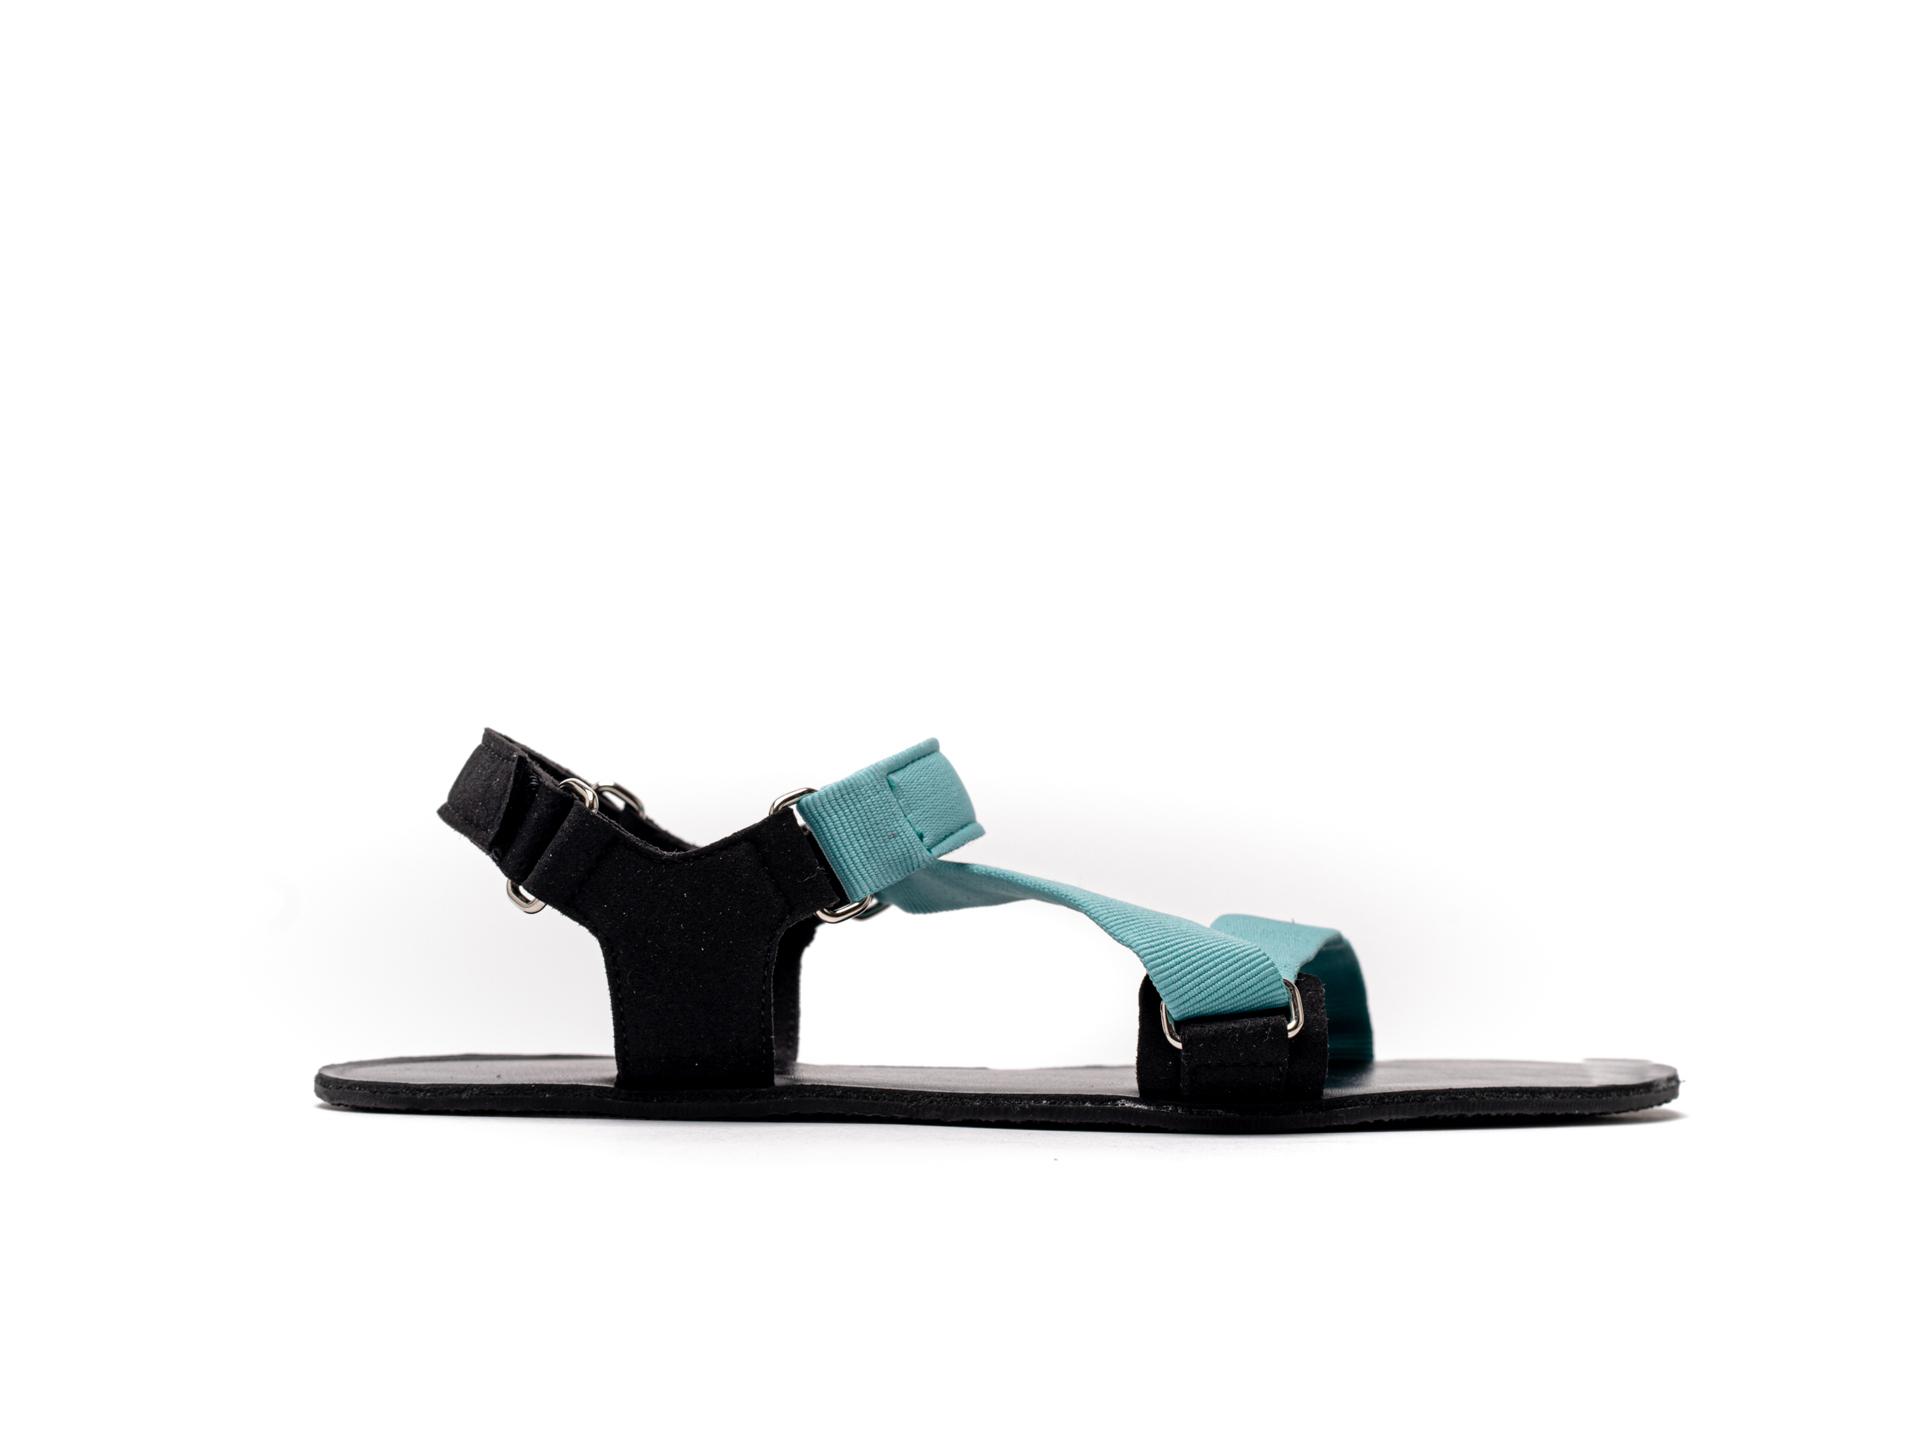 Barefoot Sandals - Be Lenka Flexi - Turquoise 42